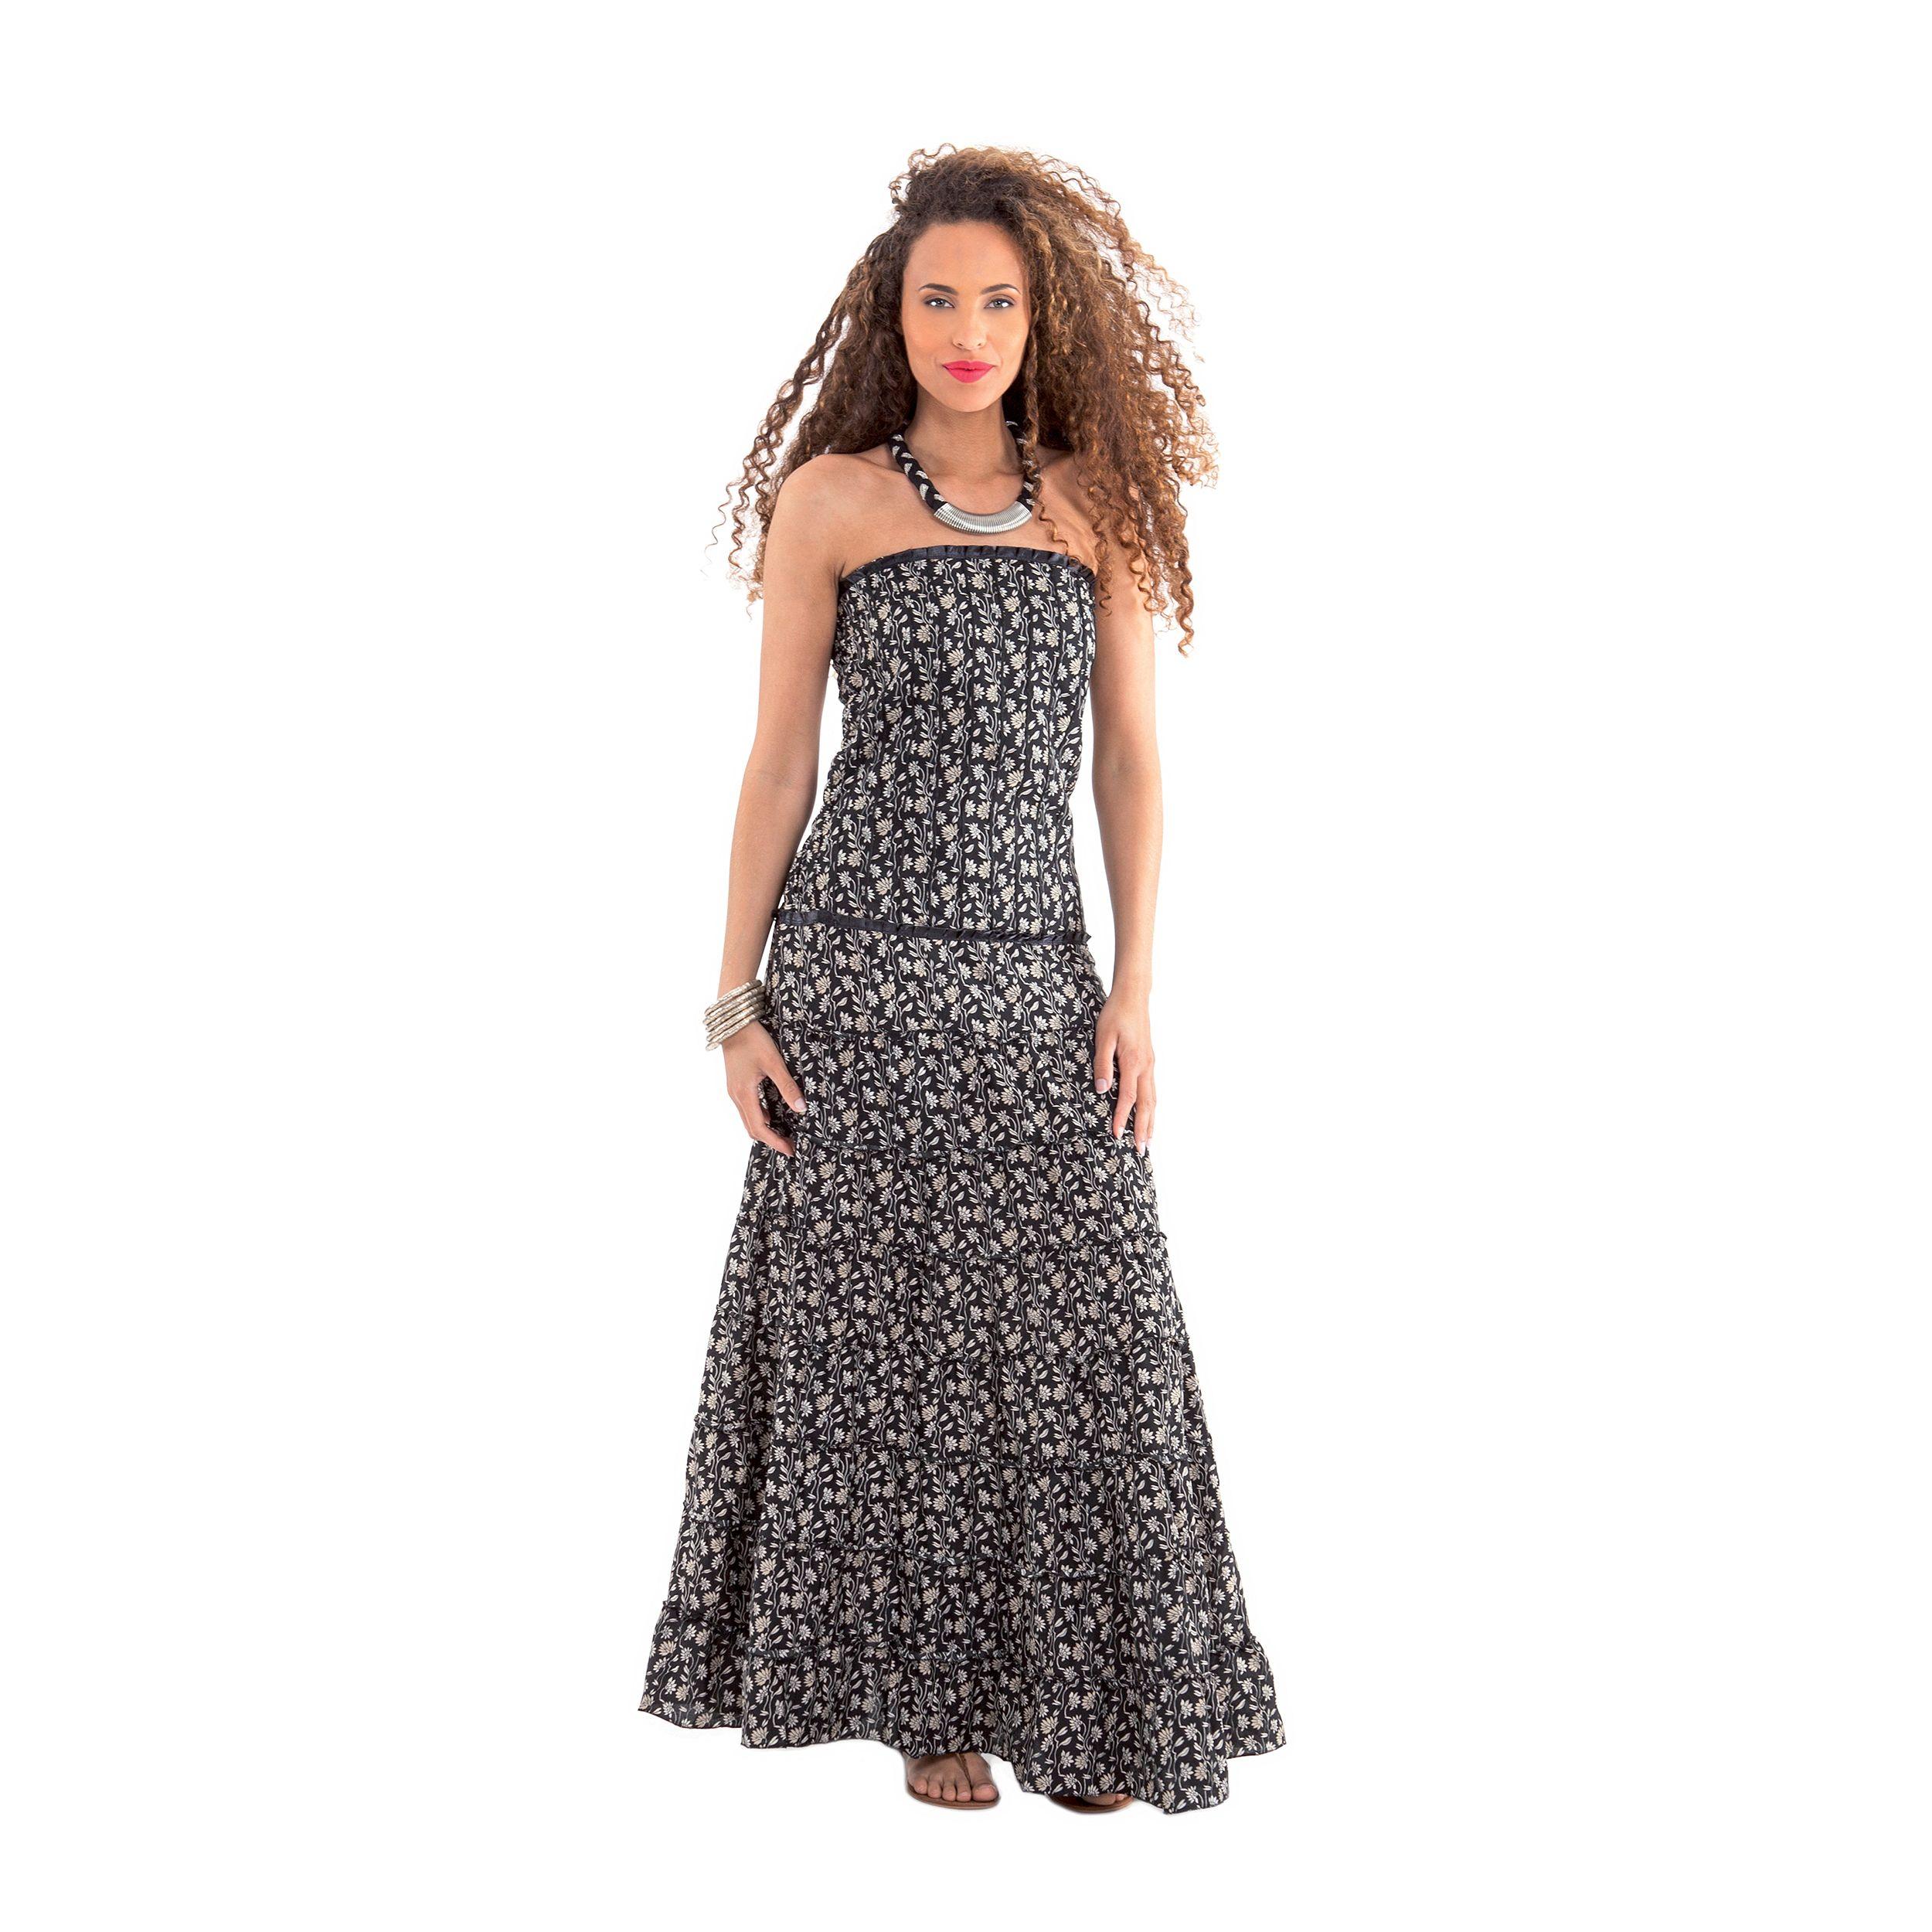 robe chic et bohème - 51% remise - www.muminlerotomotiv.